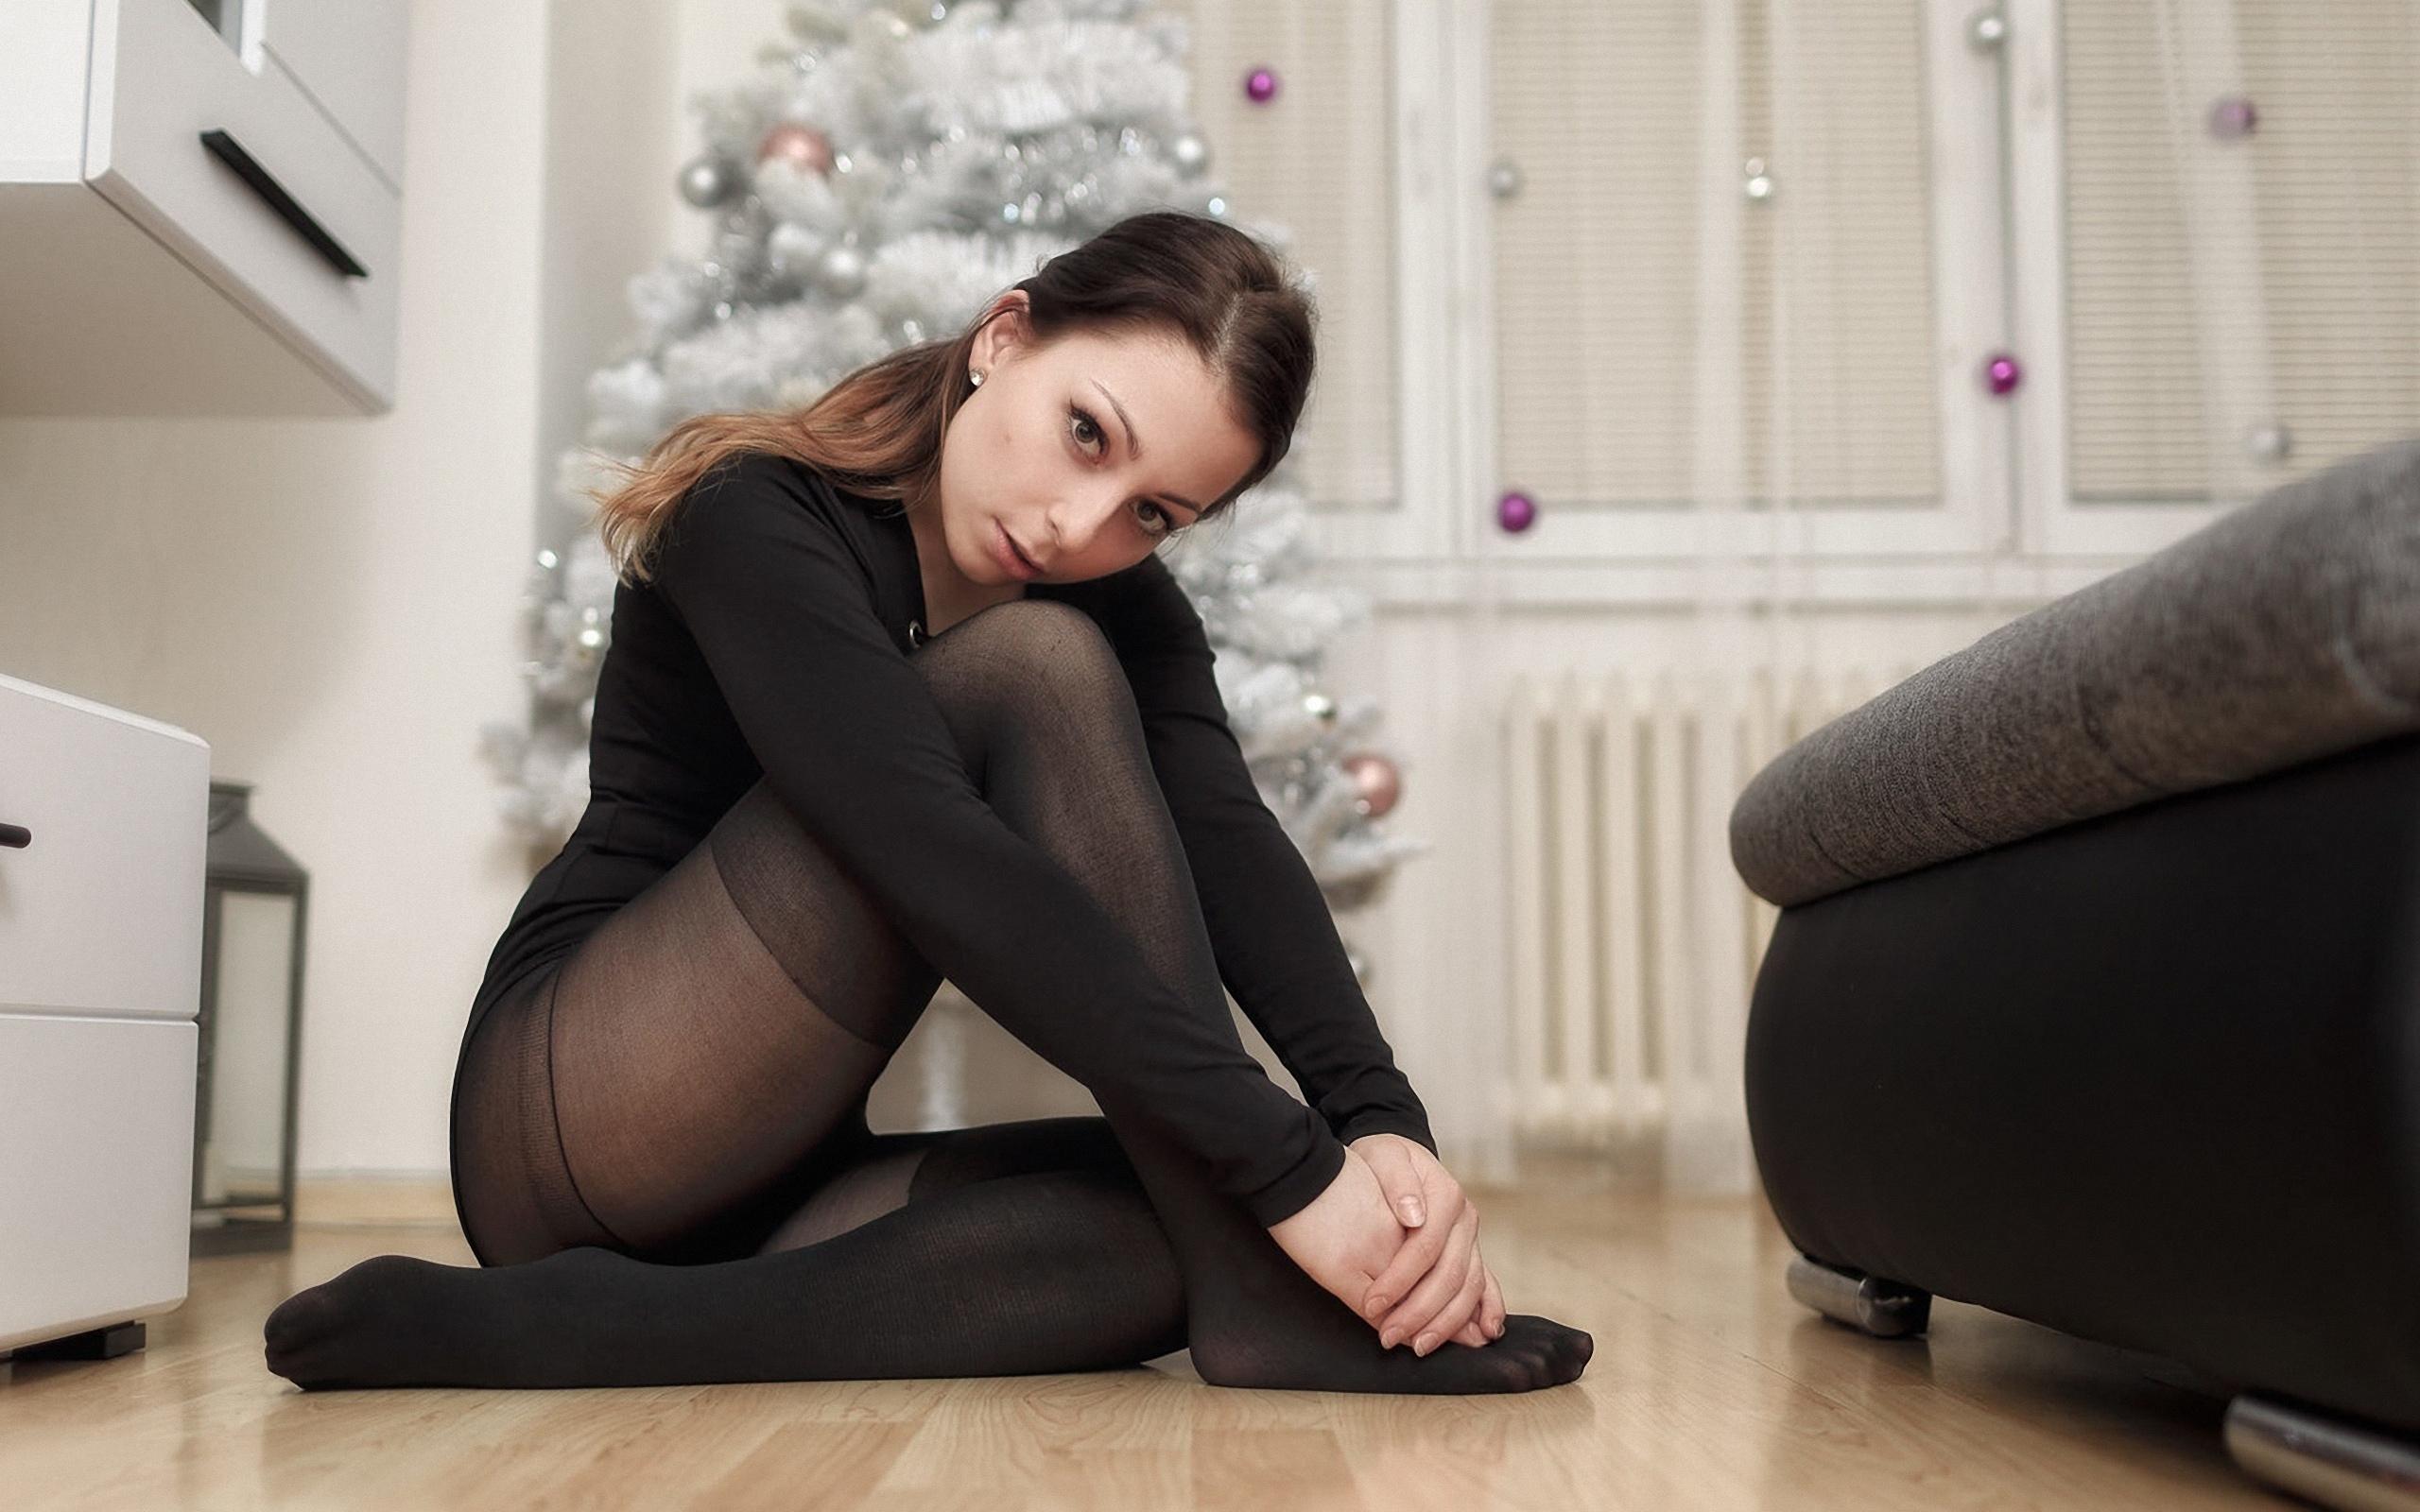 Девочка сняла колготки фотографии проституток смотреть